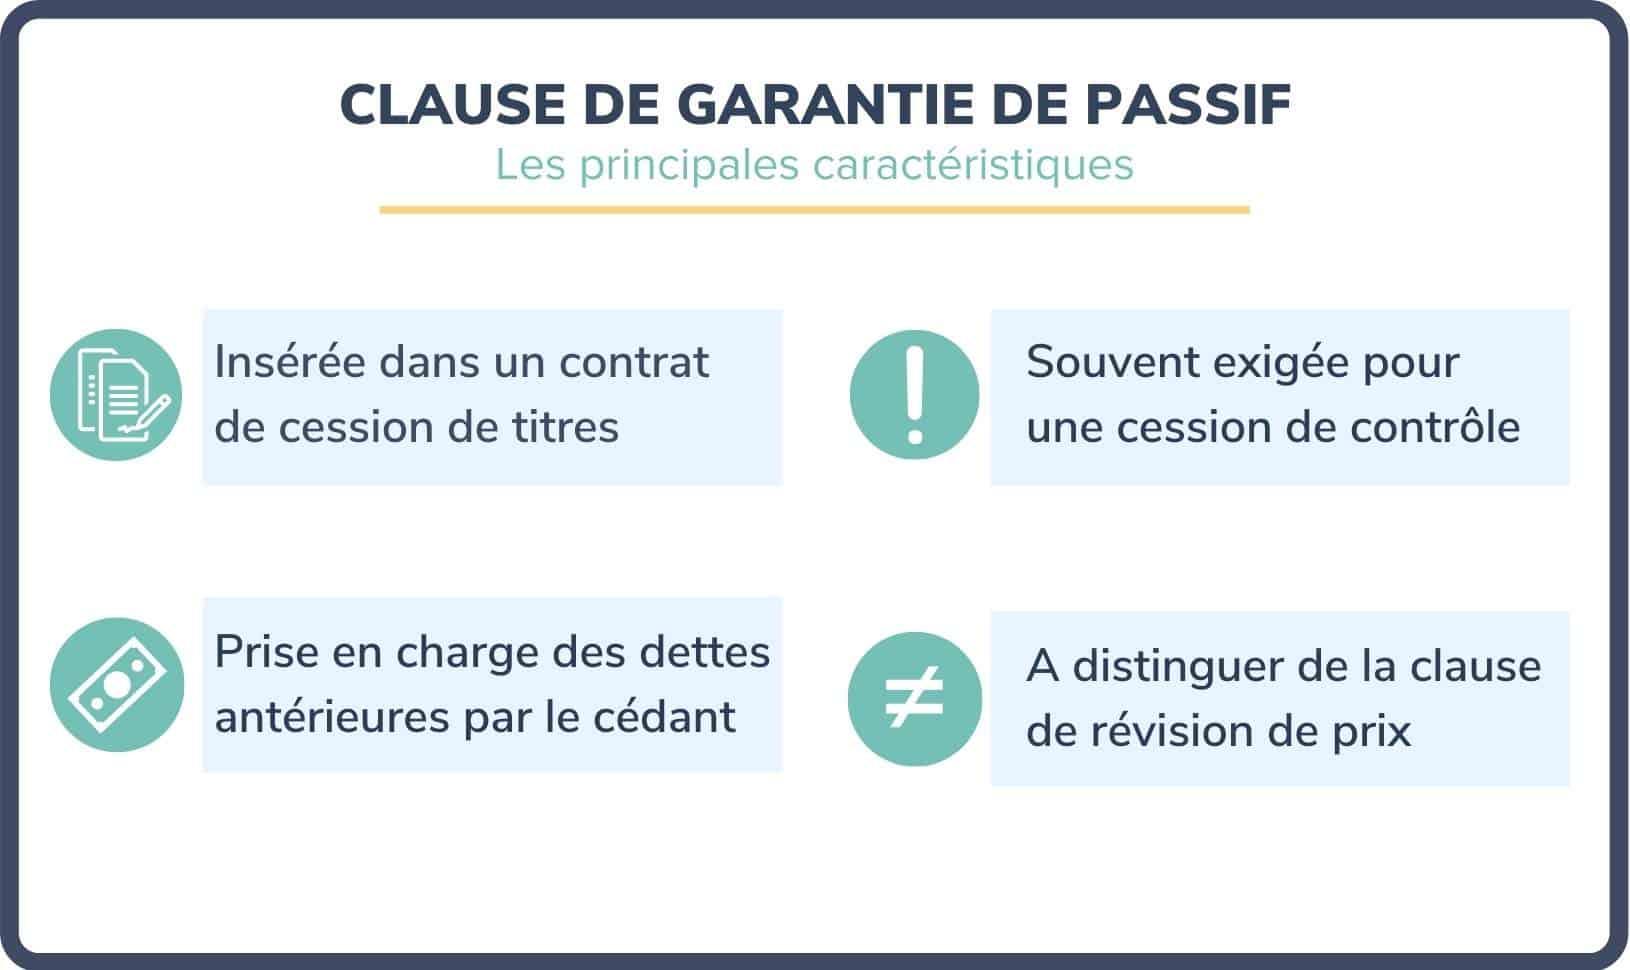 clause de garantie de passif